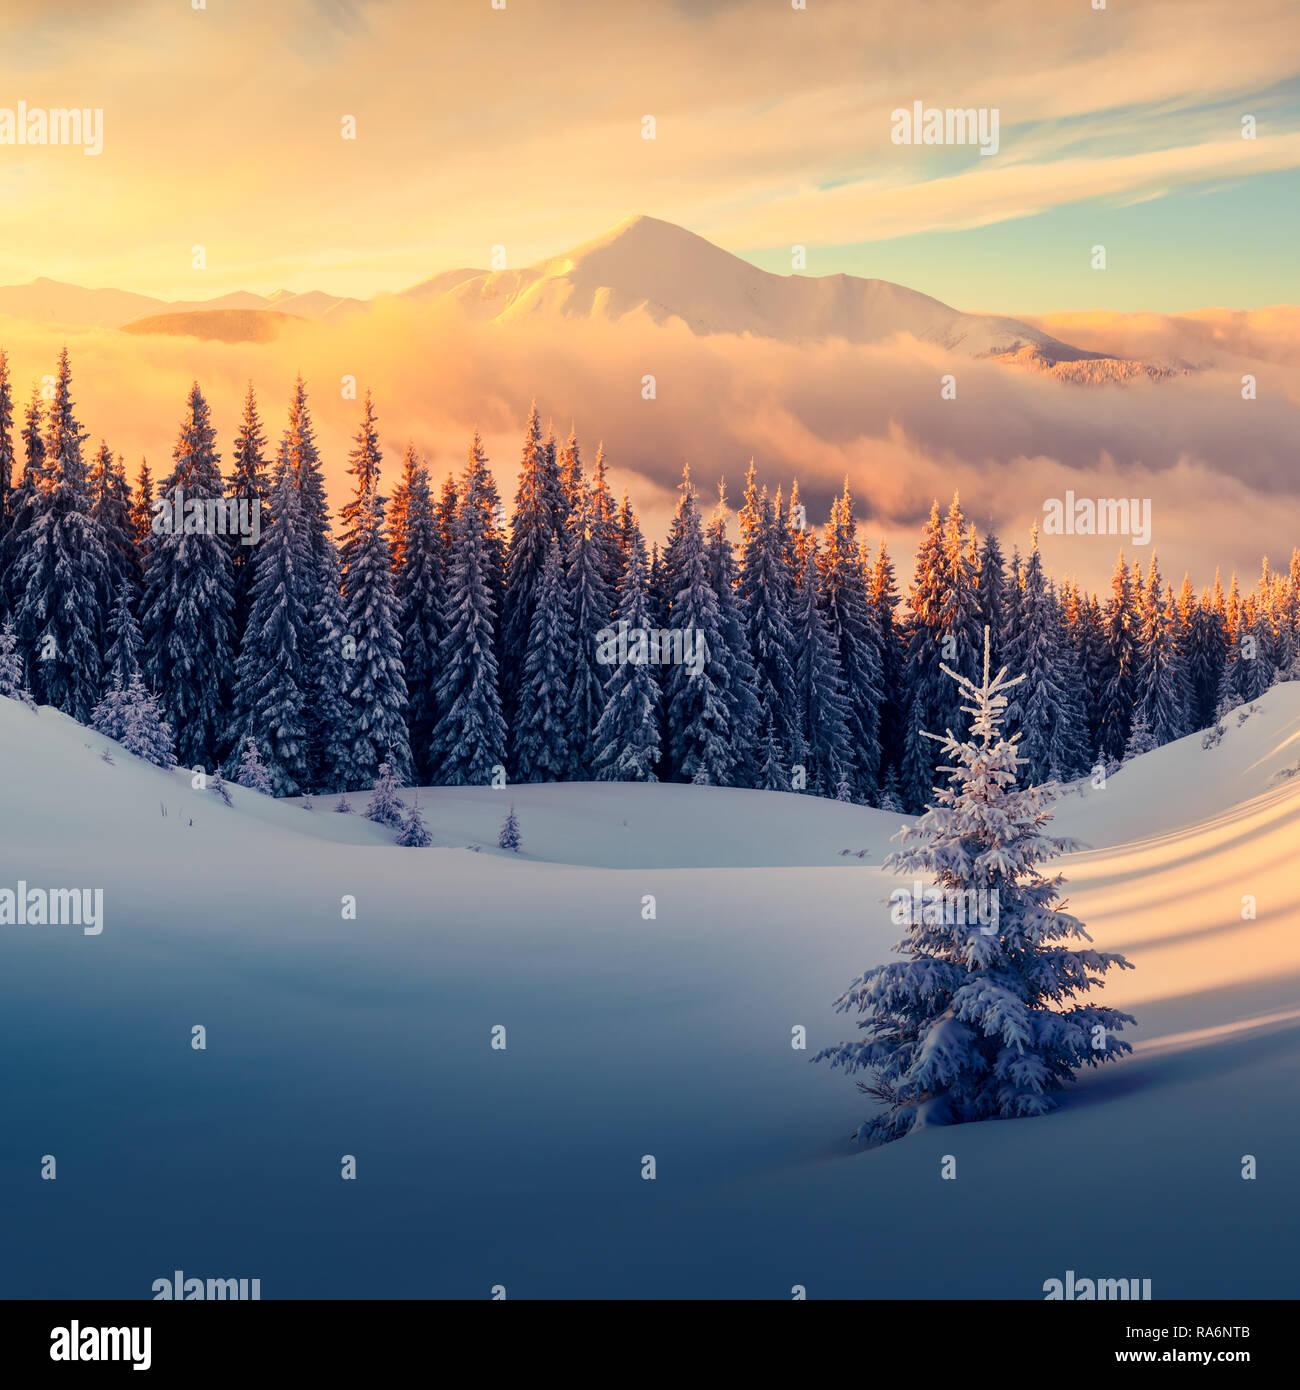 Arancione fantastico paesaggio invernale in montagna innevata incandescente dalla luce del sole. Drammatica scena invernale con alberi innevati. Vacanze di Natale concetto. Carpazi montagna, Ucraina, Europa Foto Stock